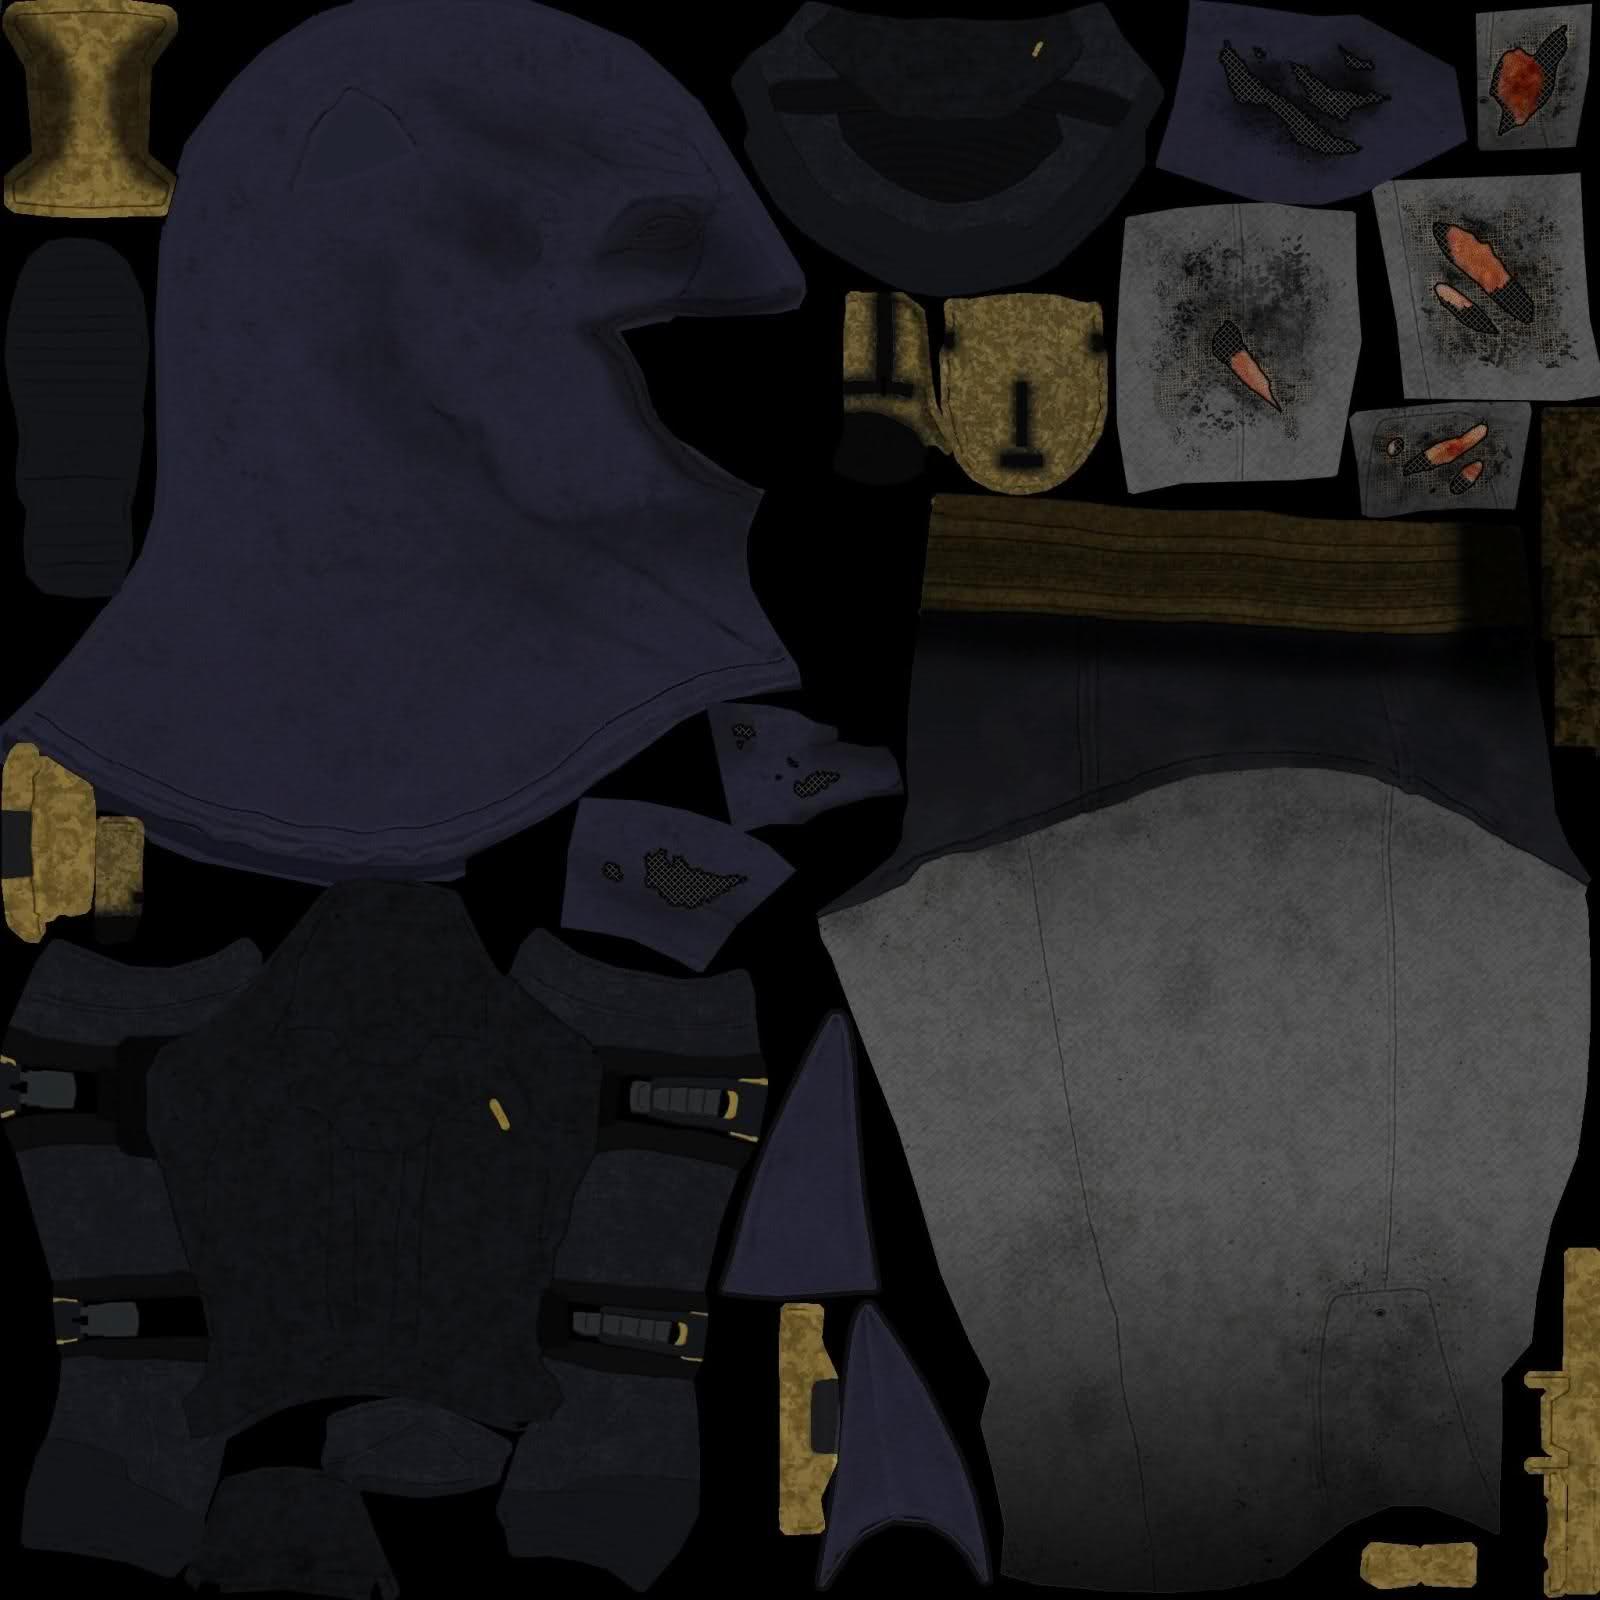 arkham asylum or arkham city batsuit batman arkham